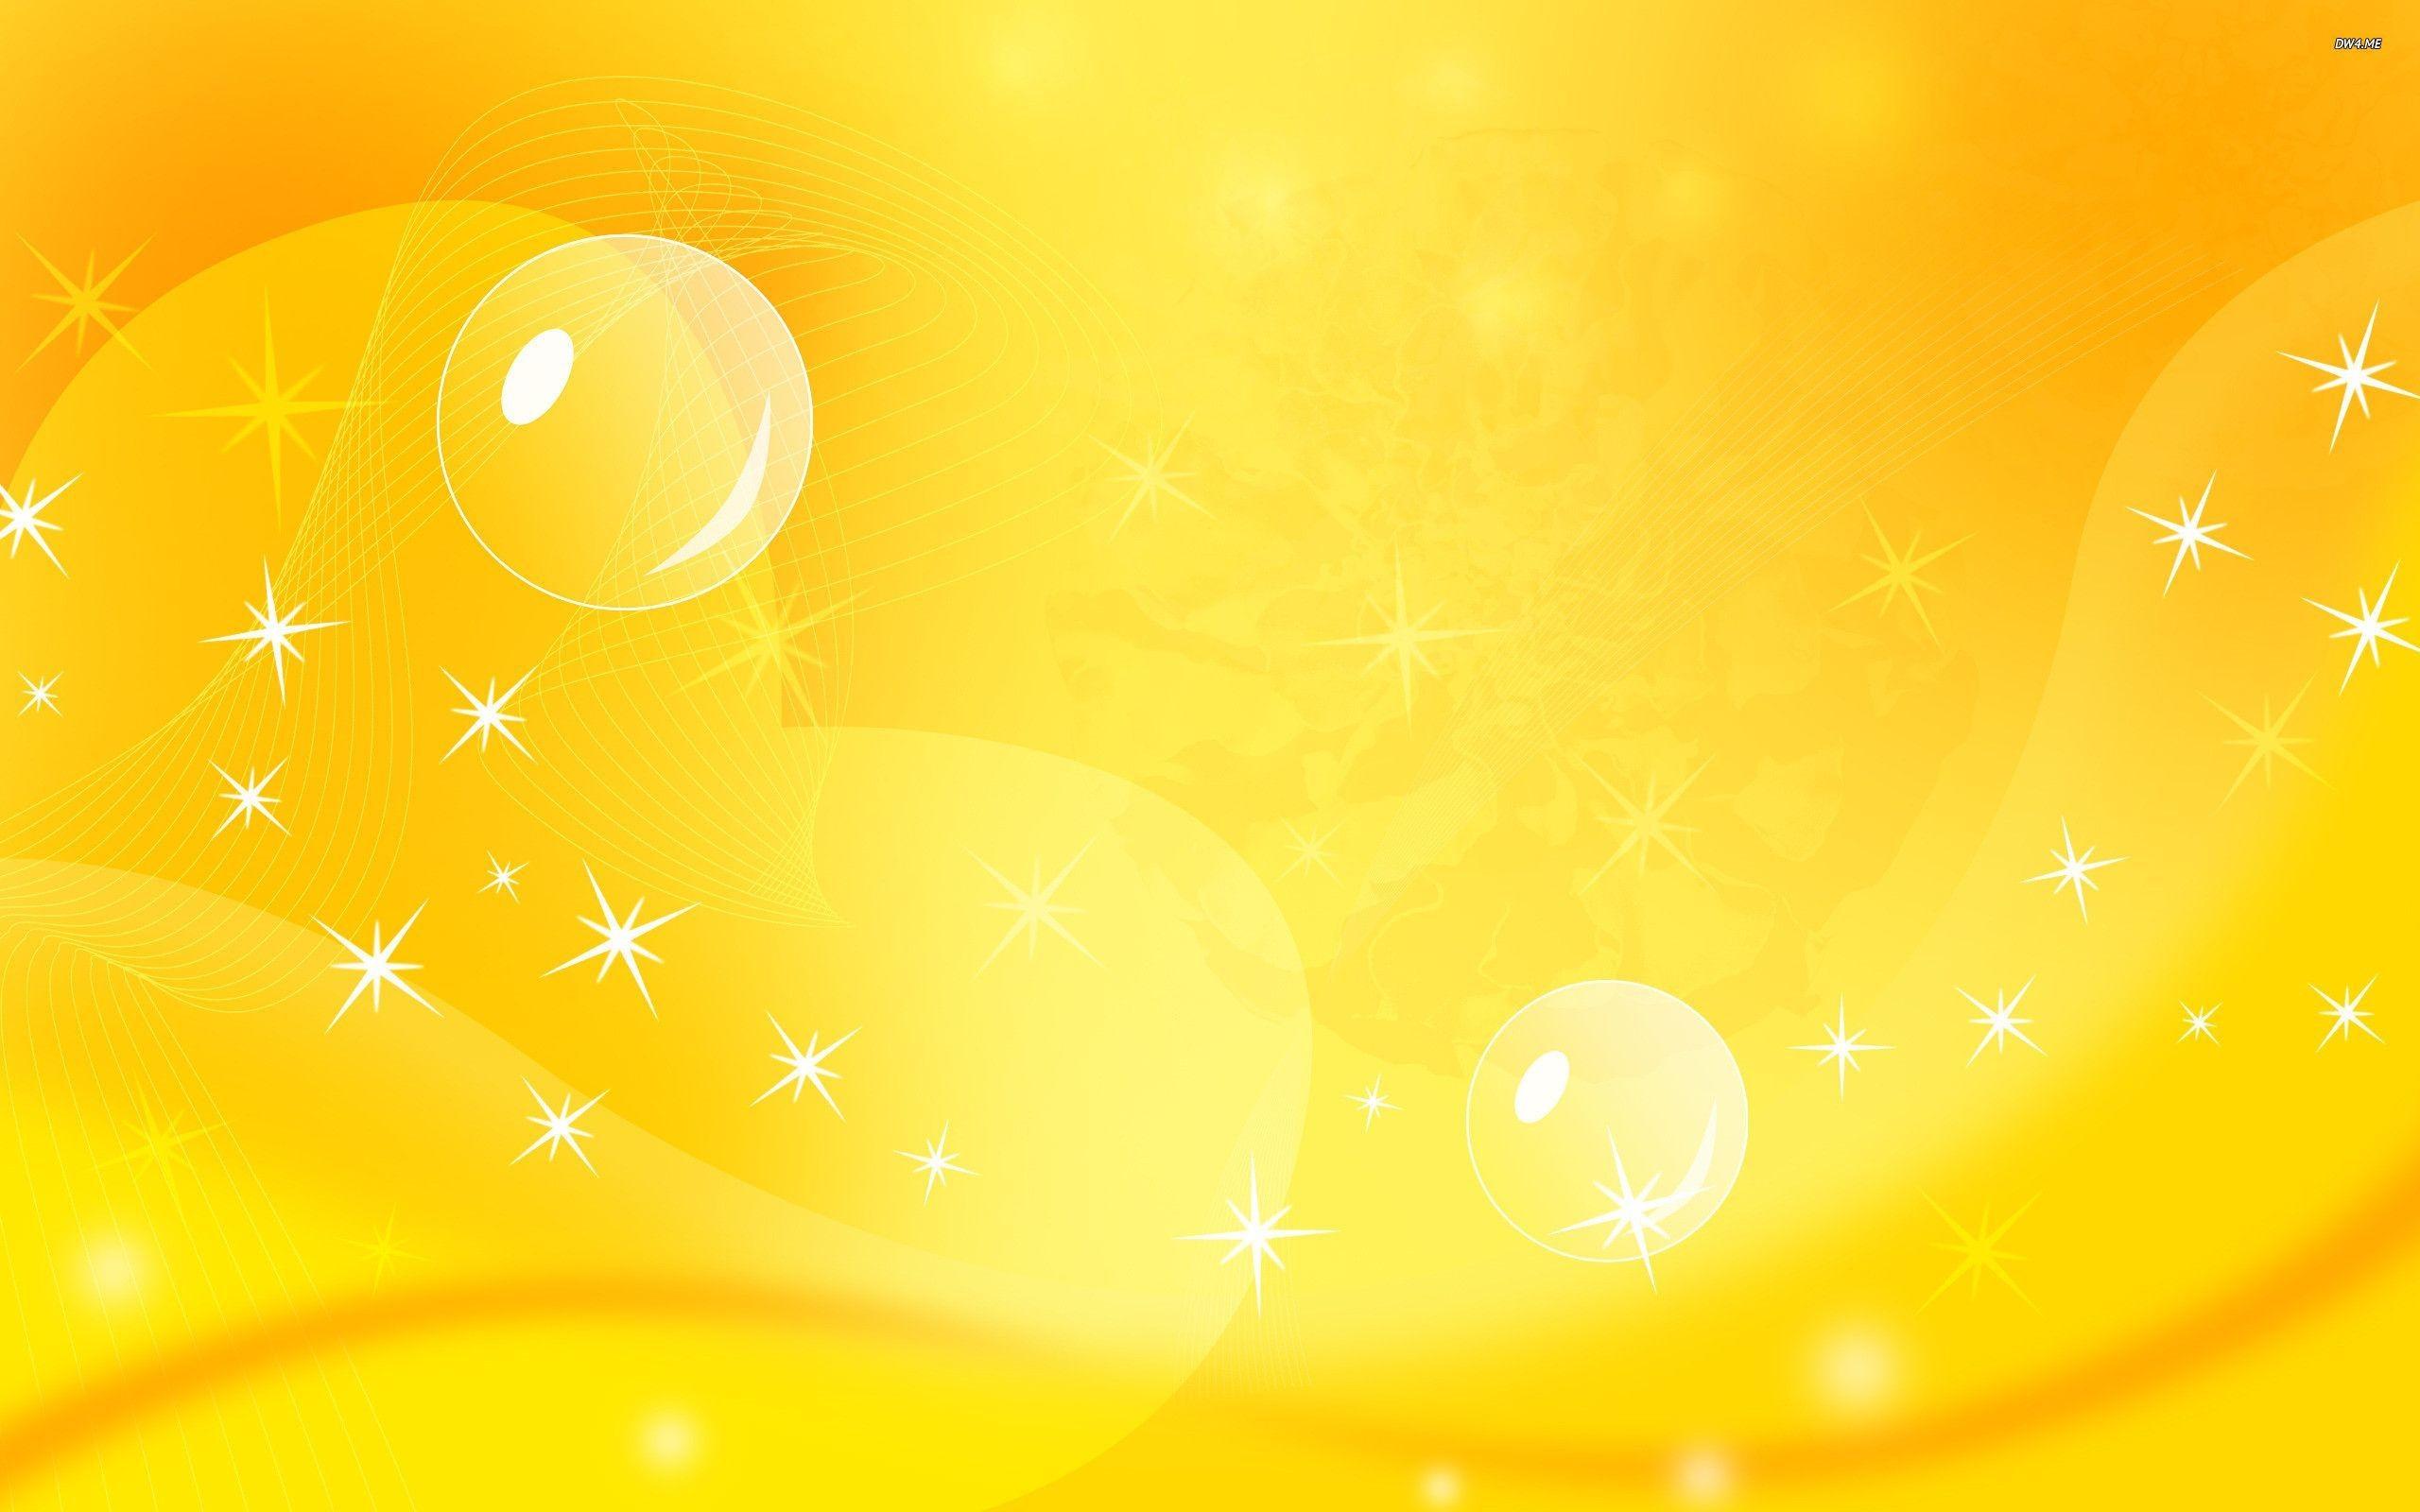 Hình nền vàng bong bóng lấp lánh